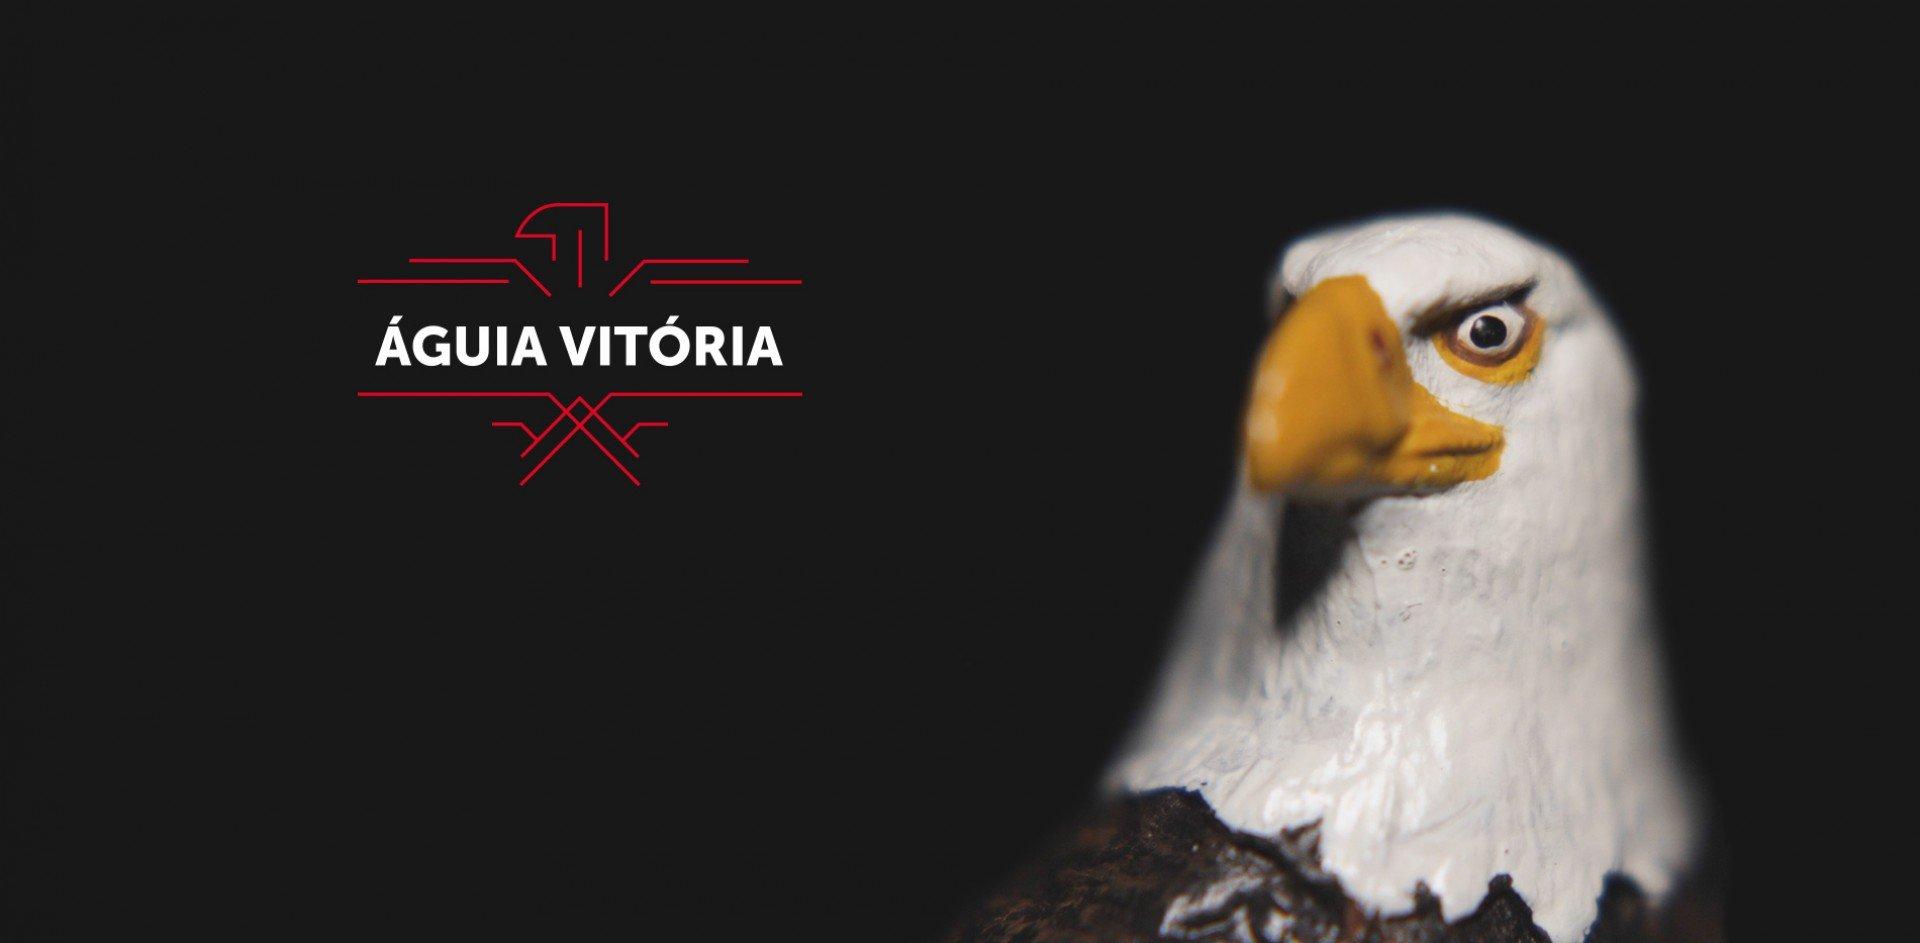 Águia Vitória